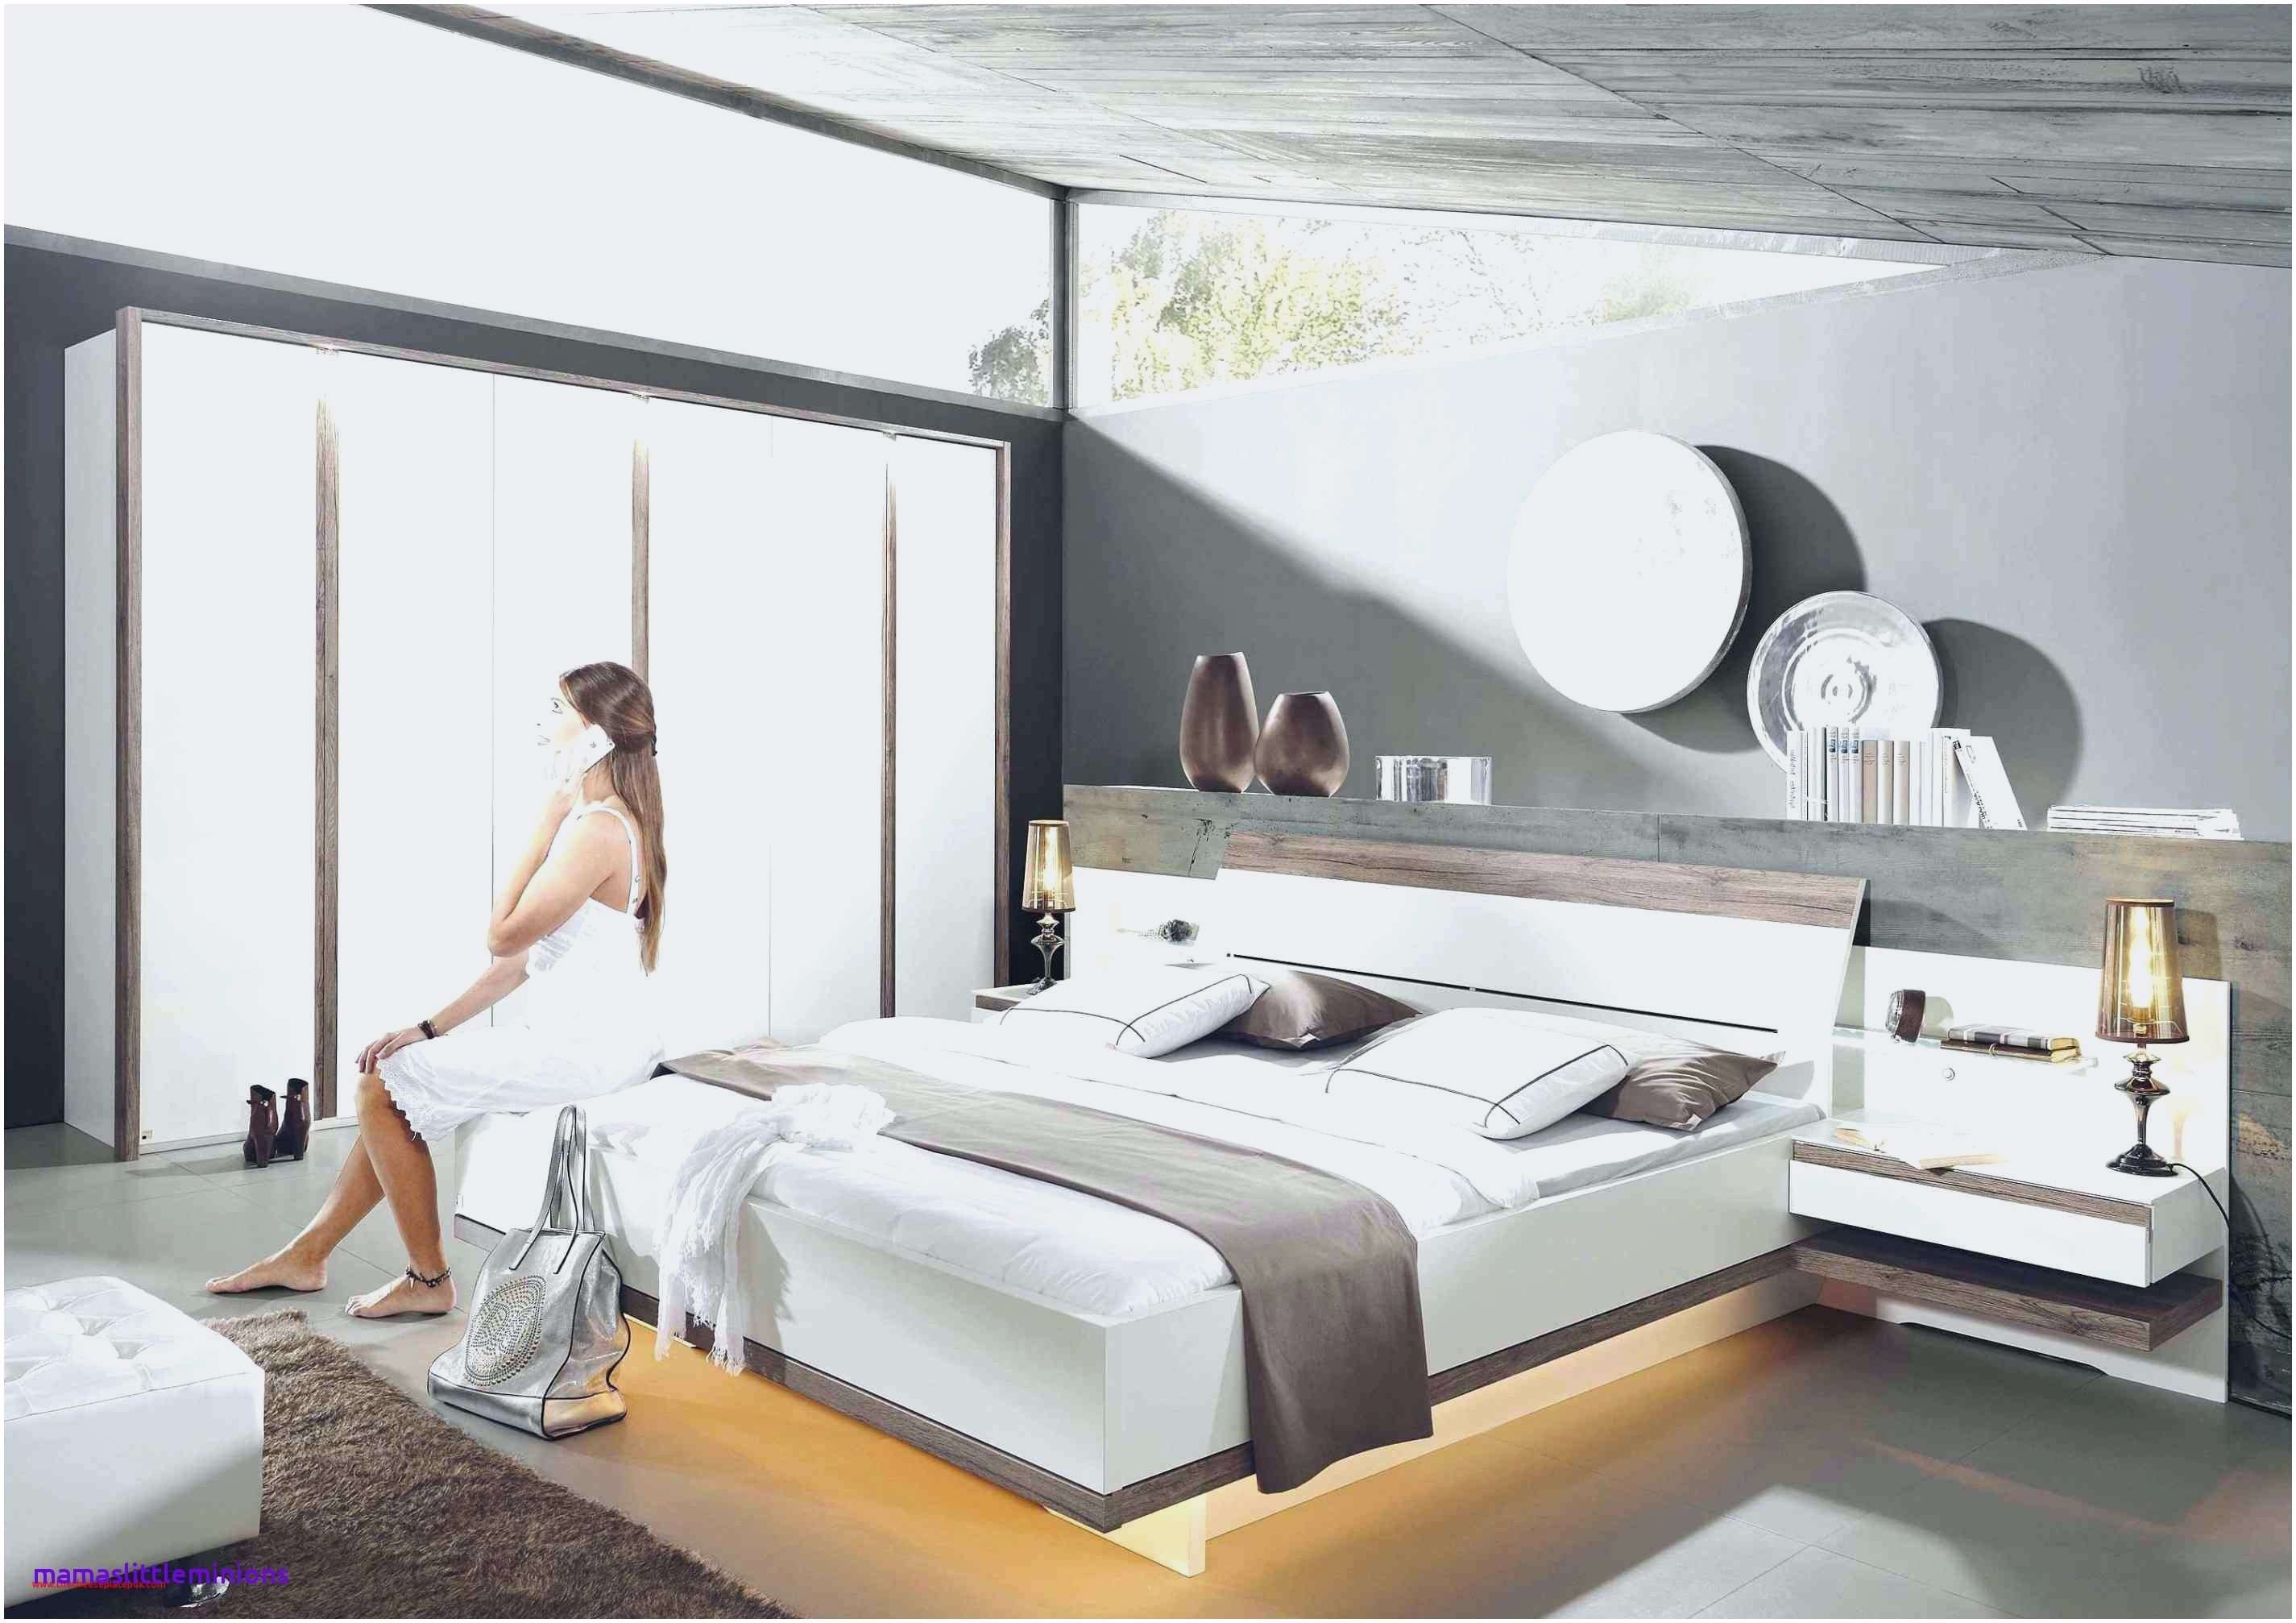 Tete De Lit Chic Et Design Élégant 62 Tete De Lit Design Italien Scheme Jongor4hire